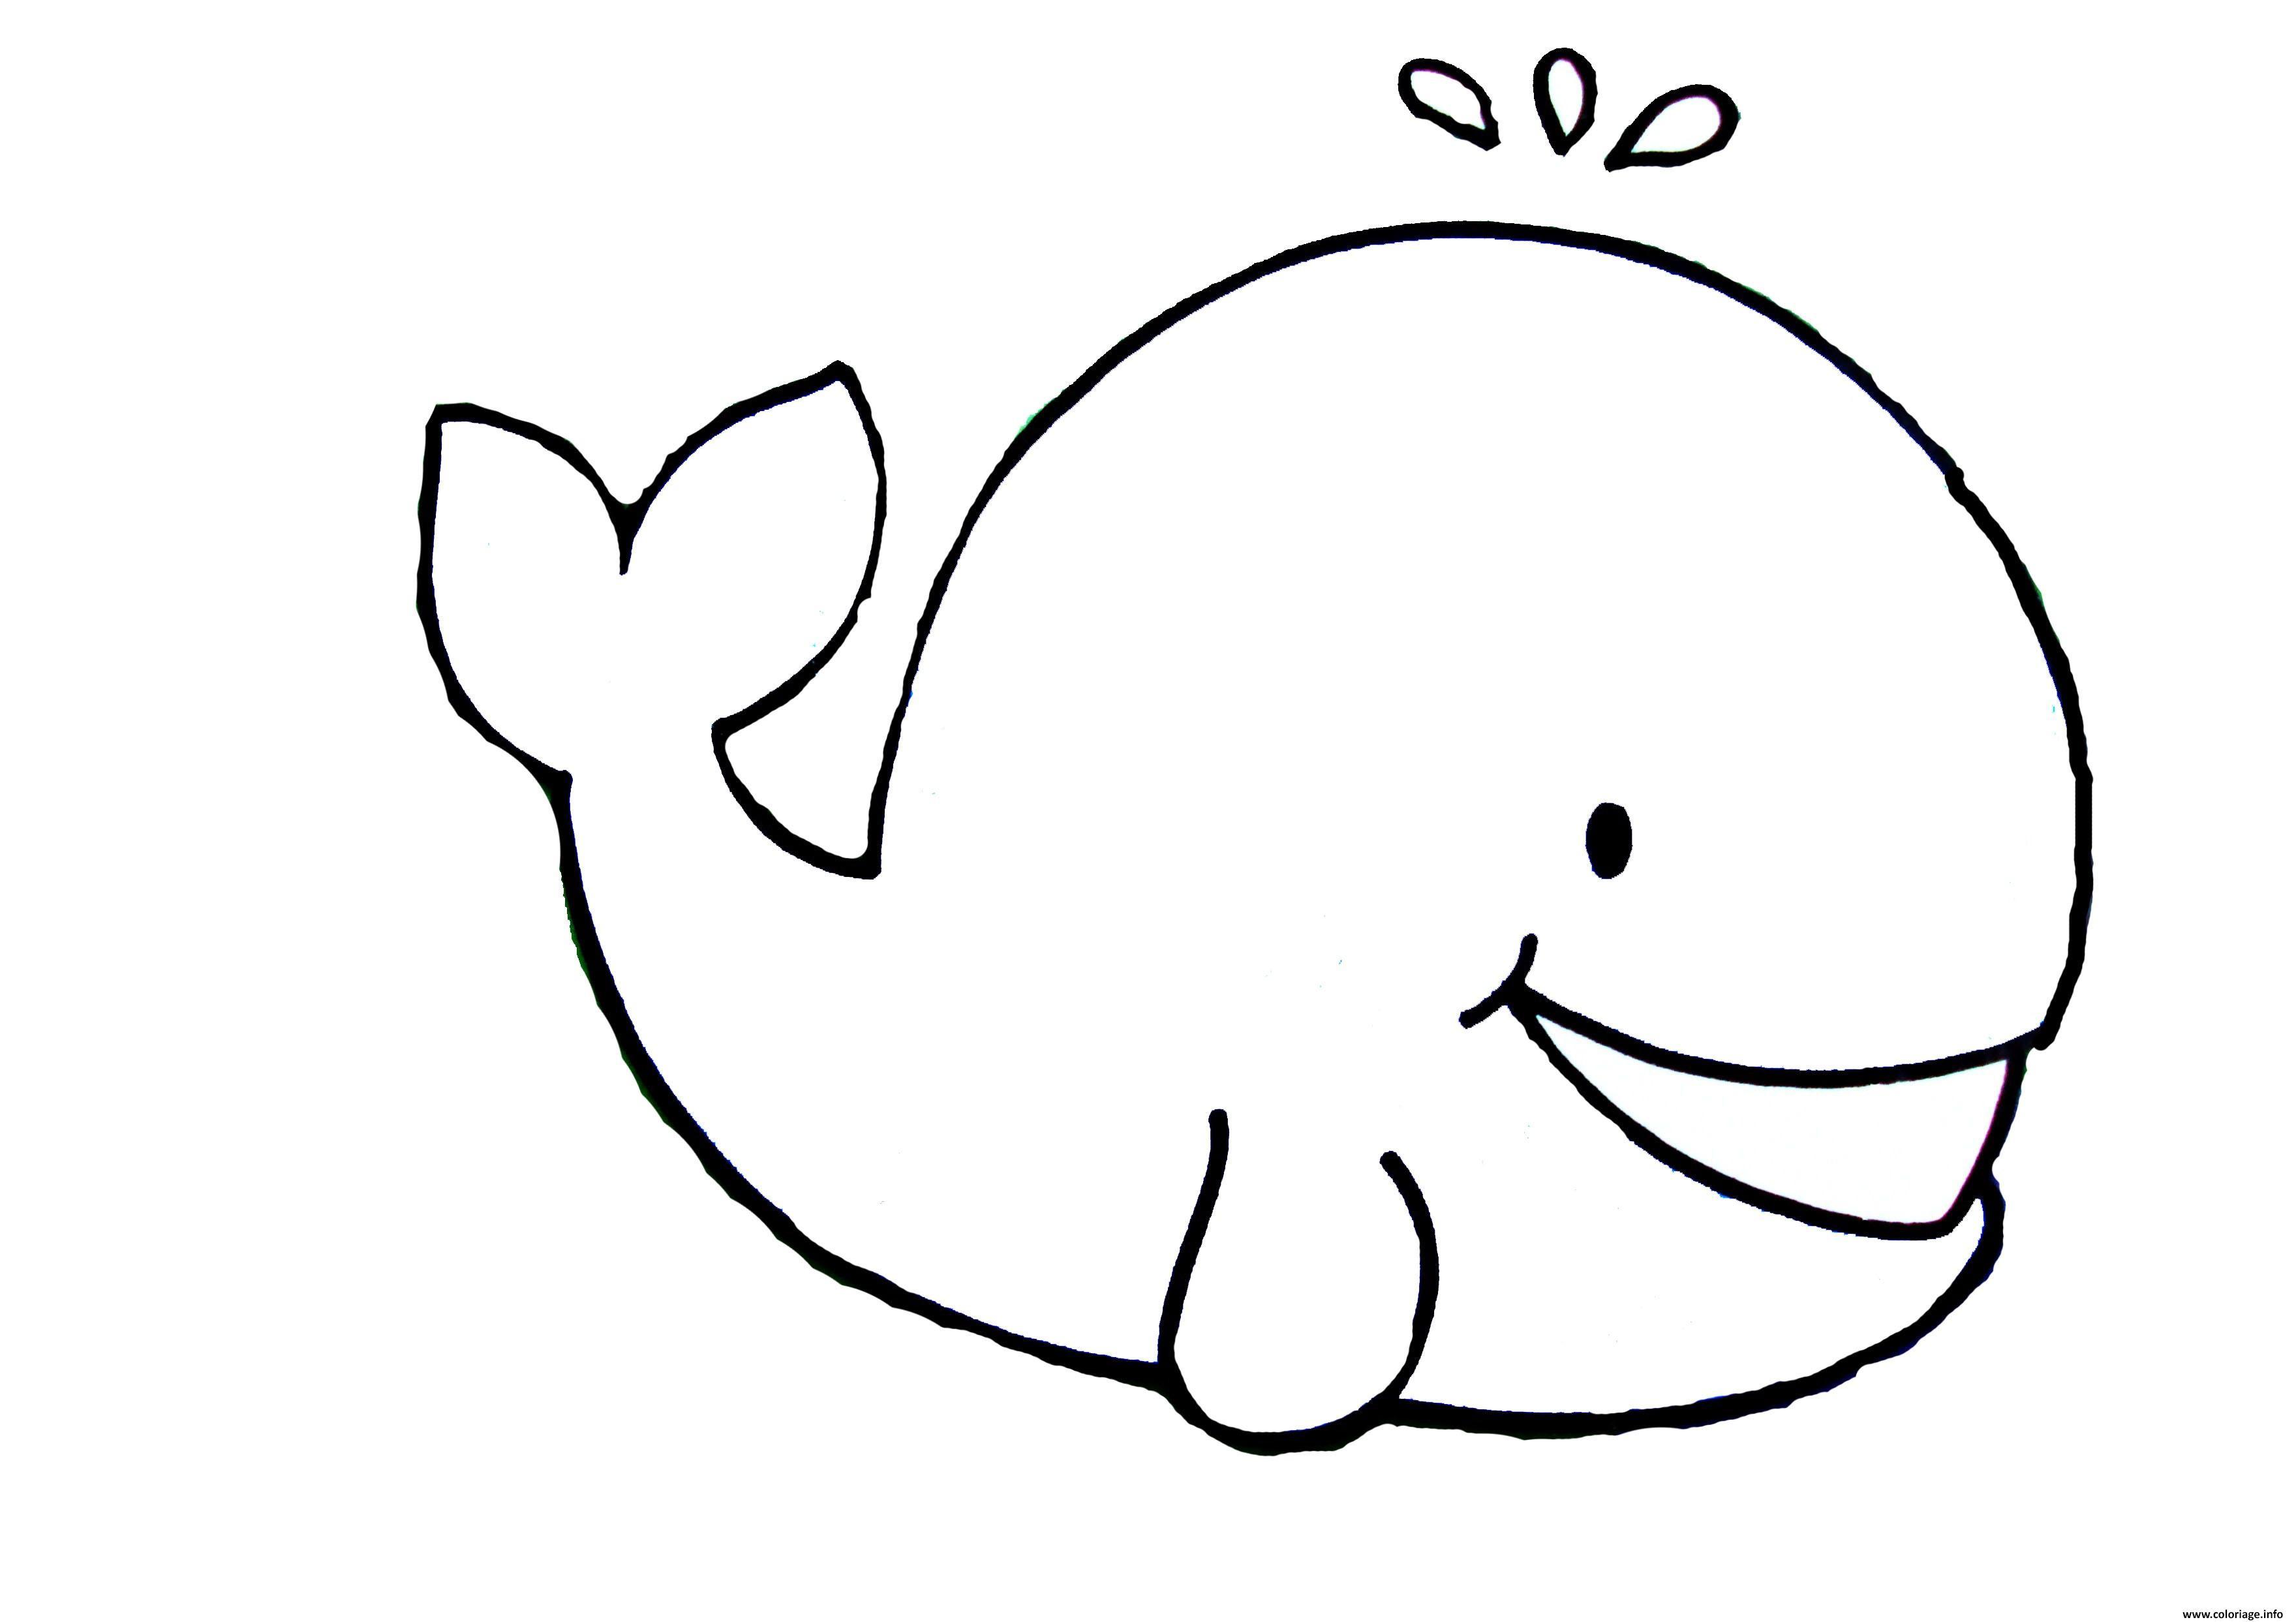 Coloriage Baleine Facile Enfant Maternelle Jecoloriecom